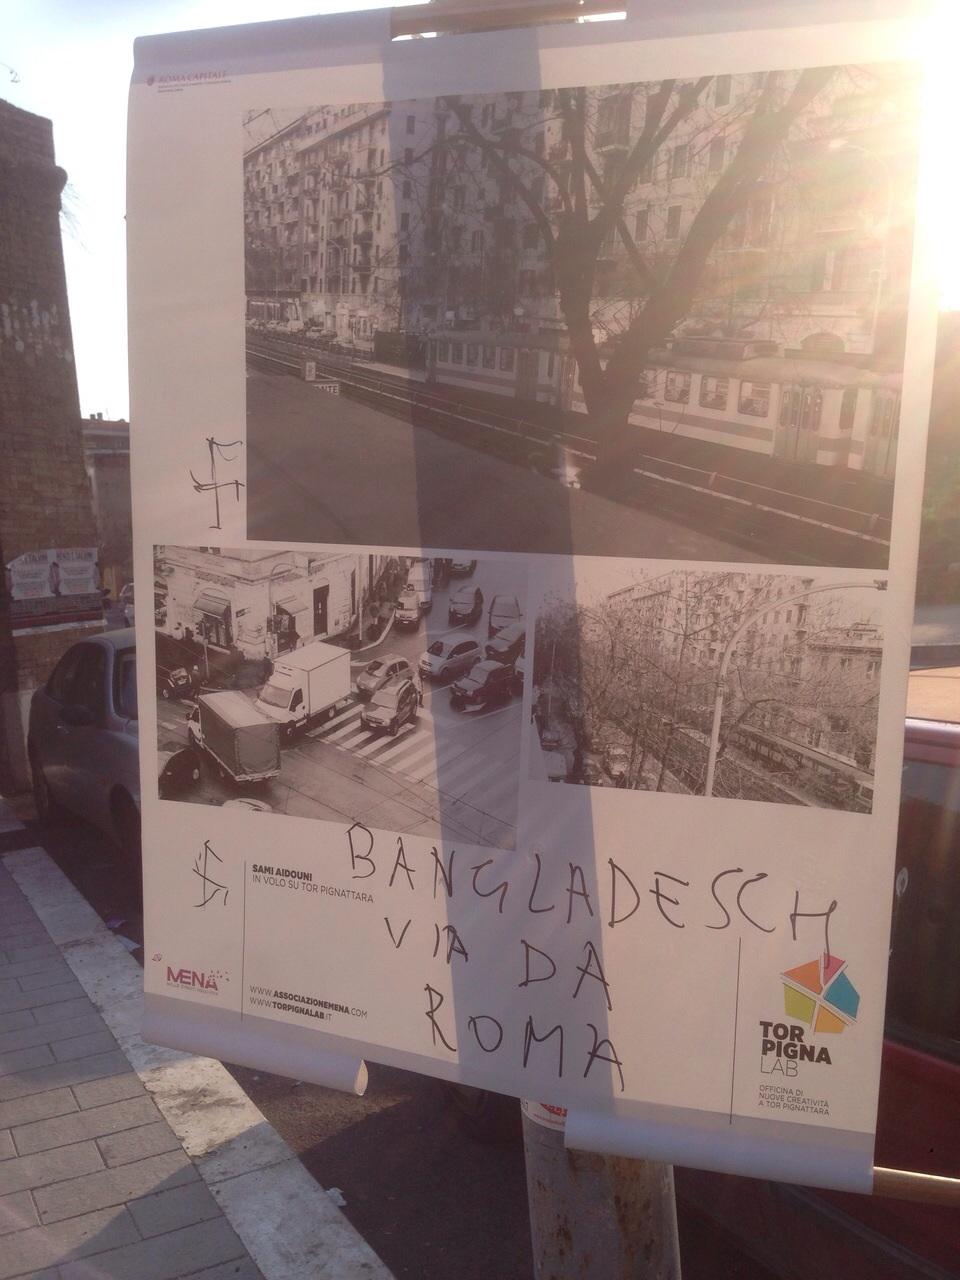 Tor Pignattara, svastiche sui pannelli della mostra multietnica. Panecaldo: